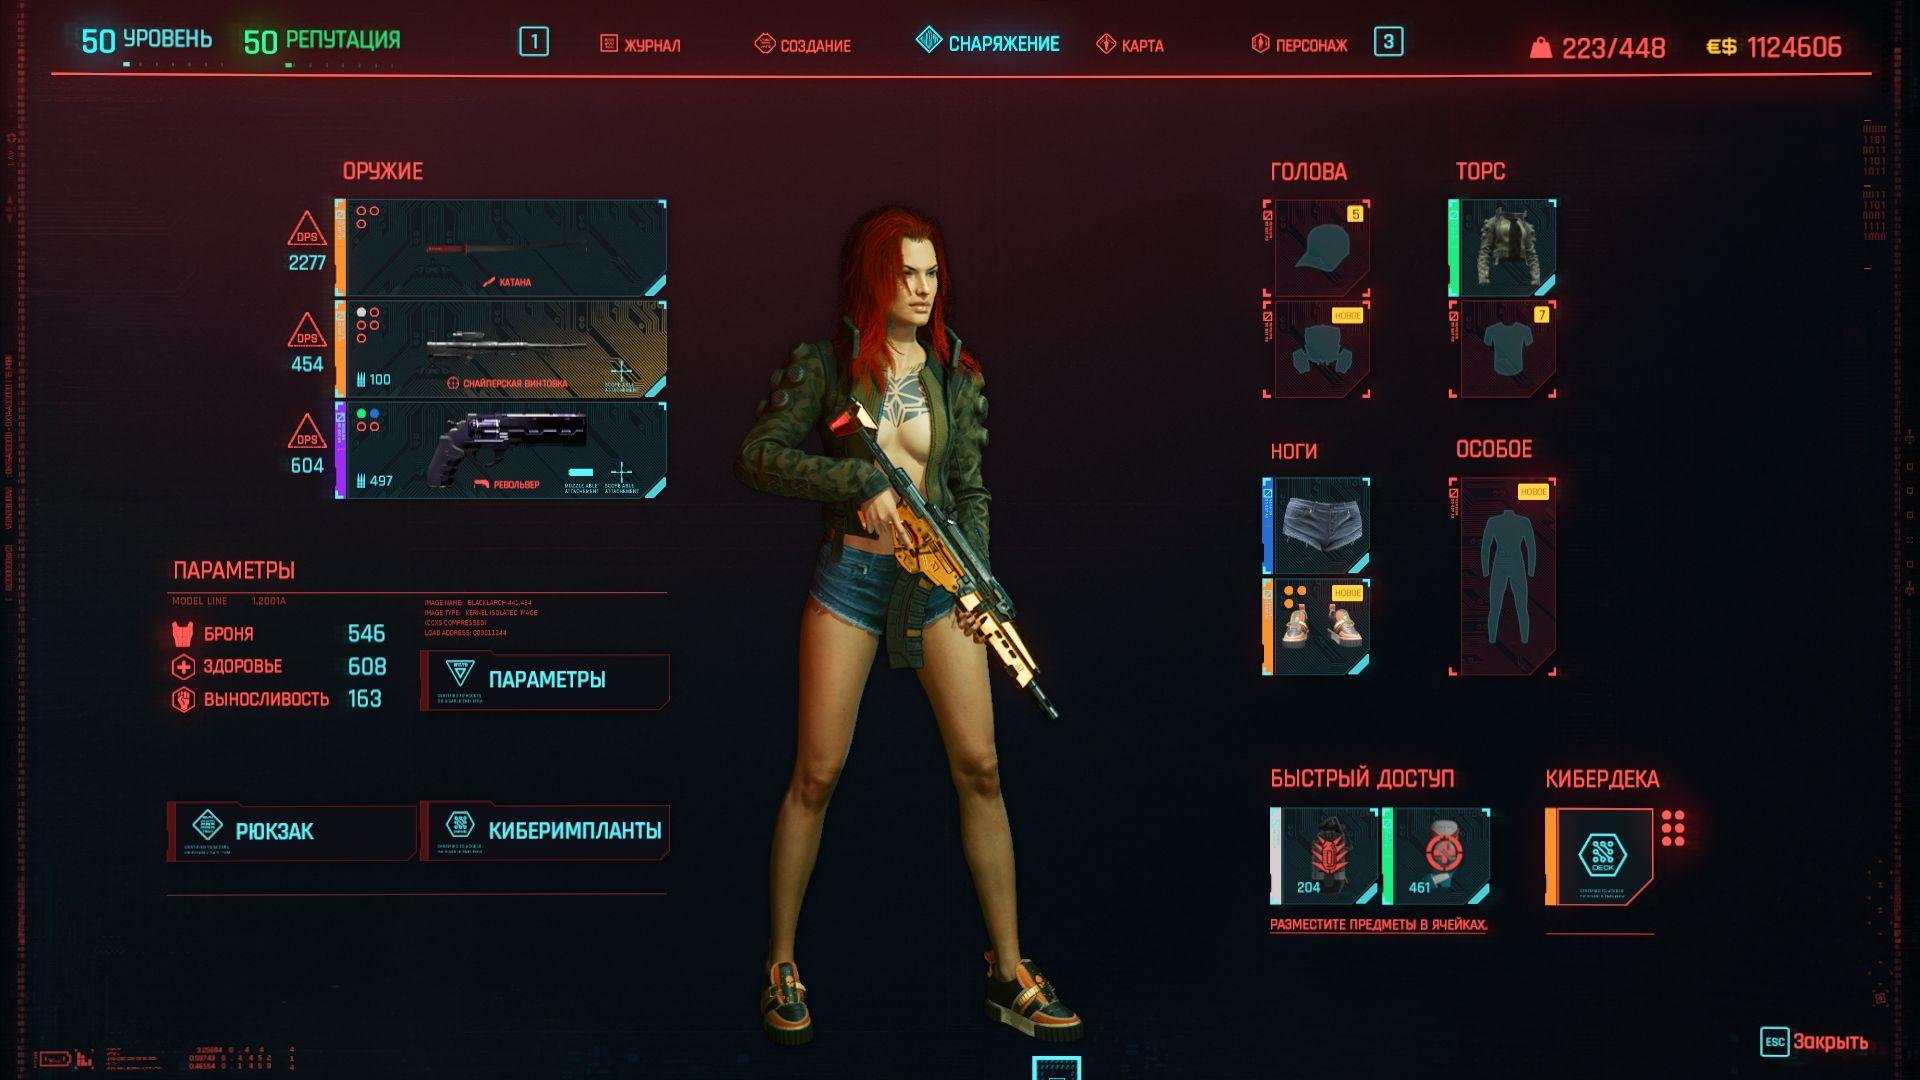 000230.Jpg - Cyberpunk 2077